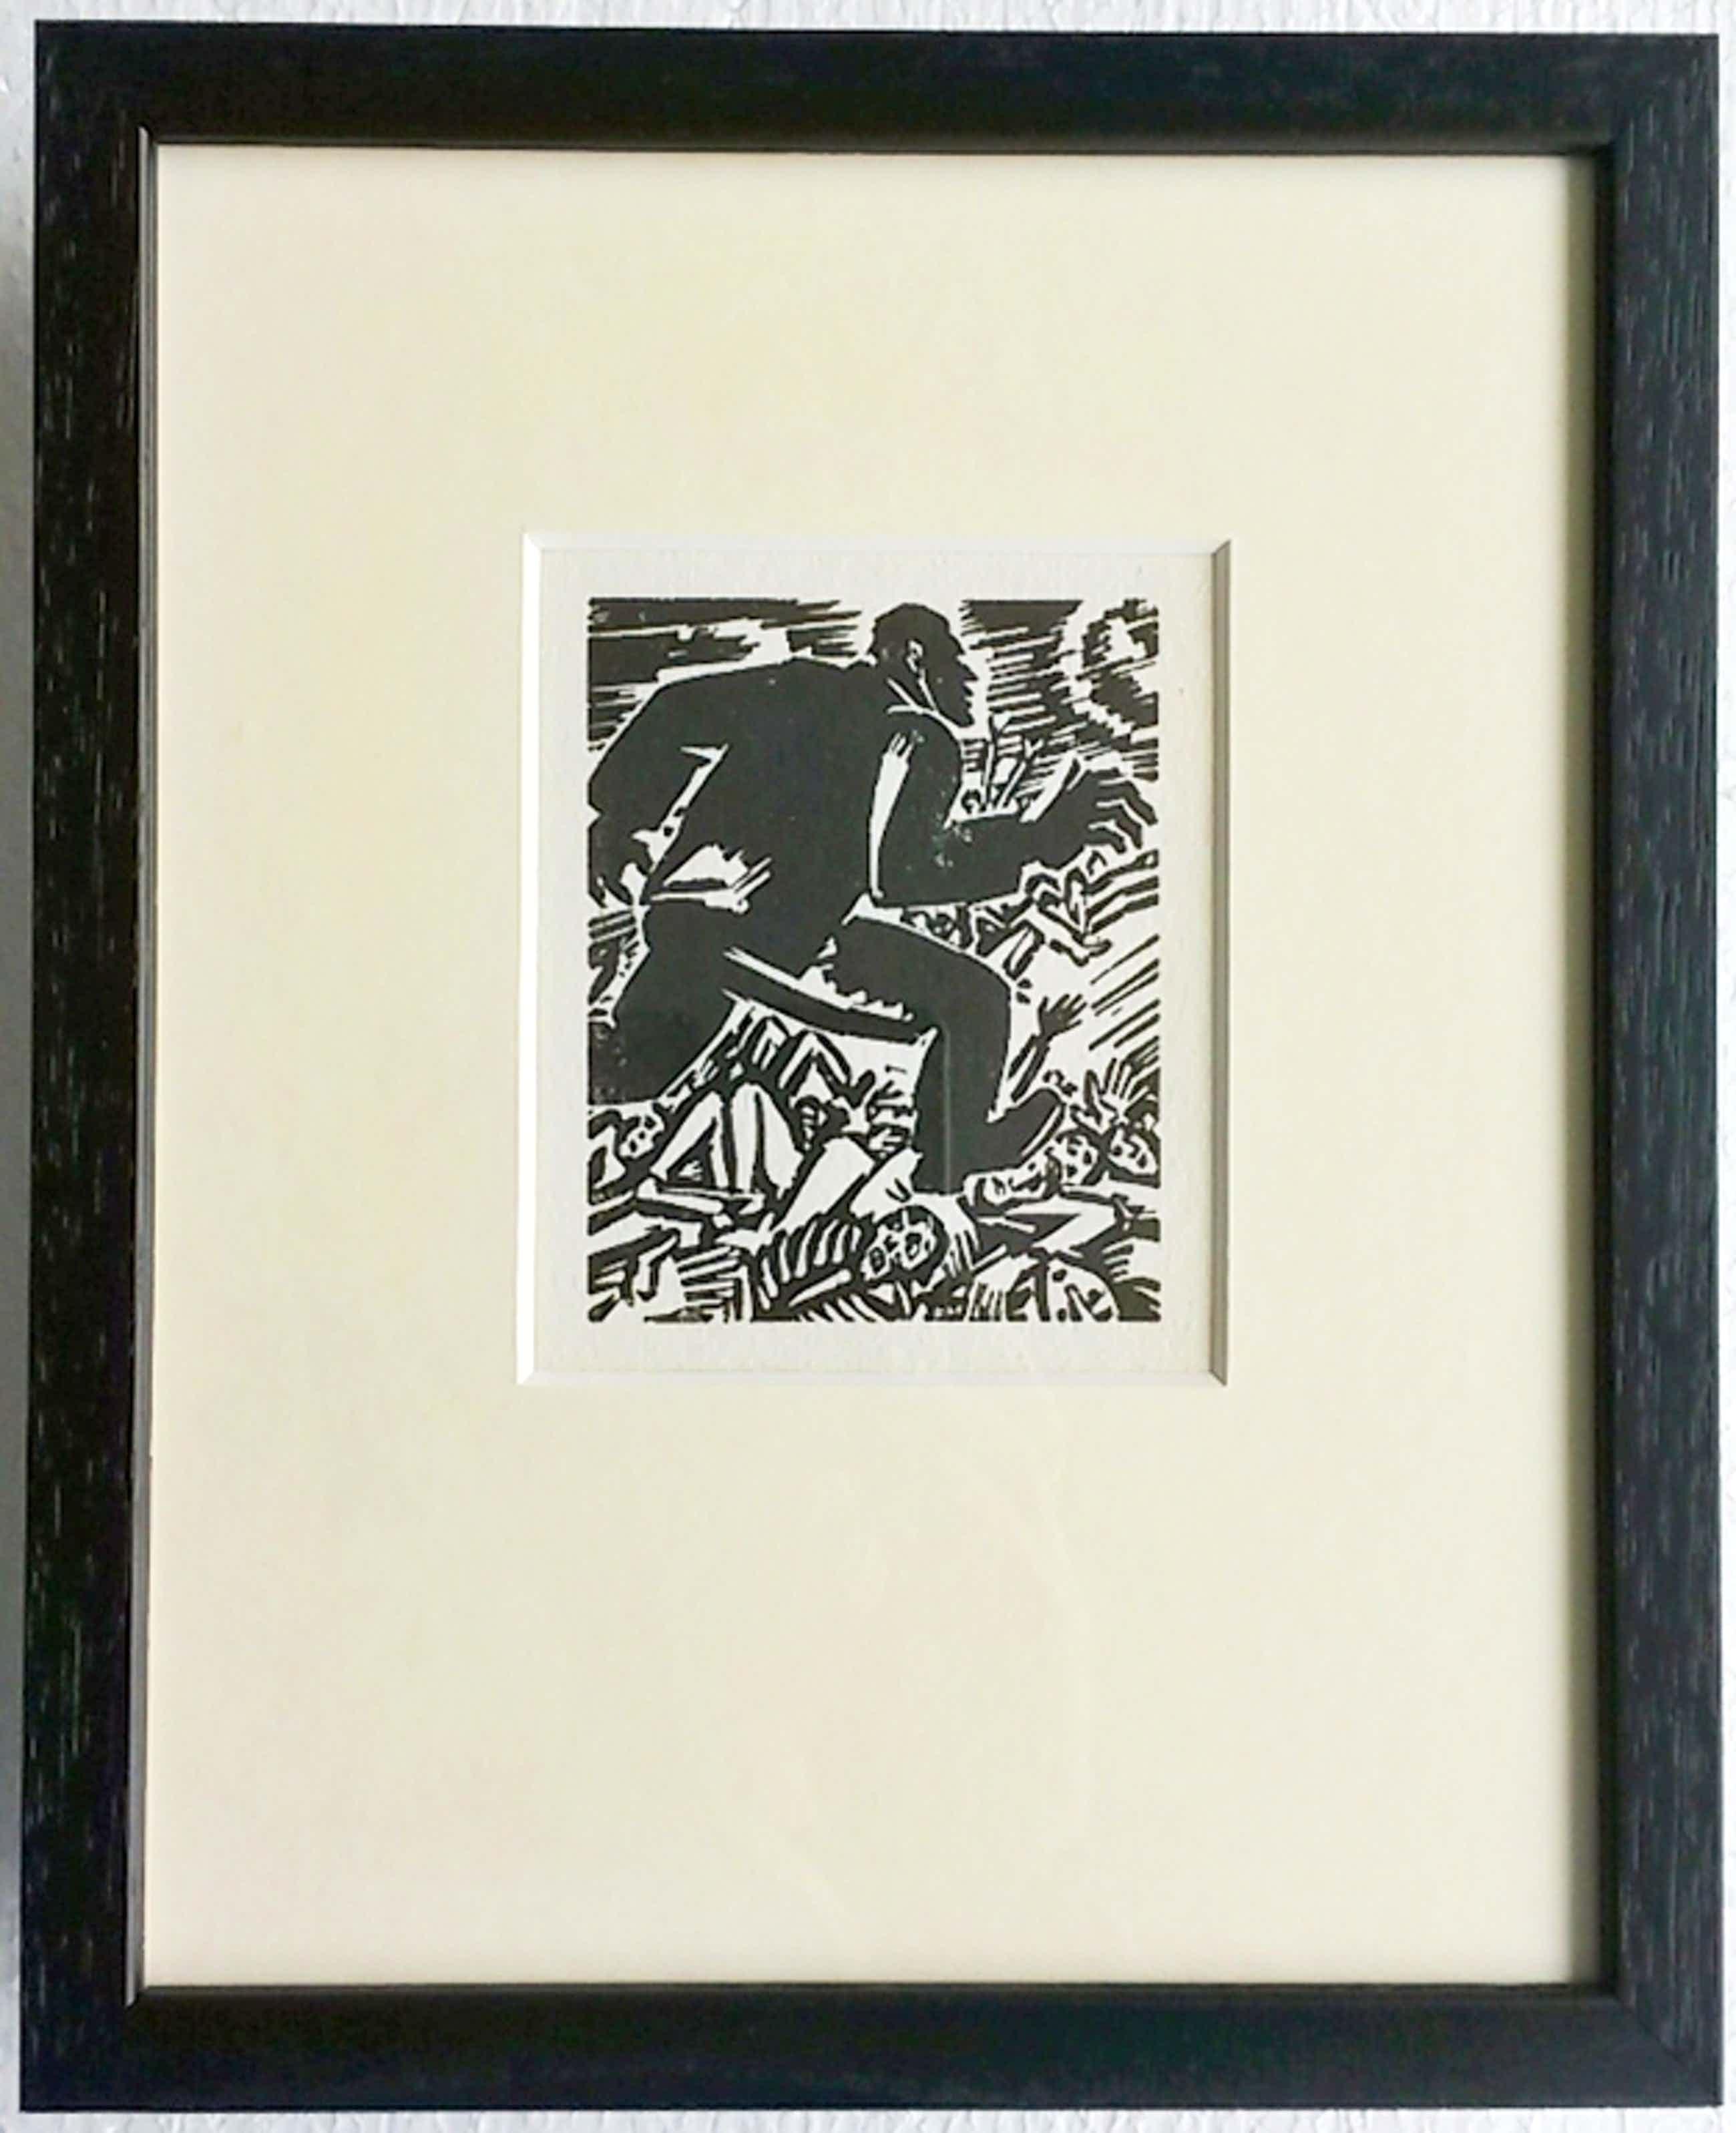 Frans Masereel, houtsnede: Eroberer, 1949 kopen? Bied vanaf 55!